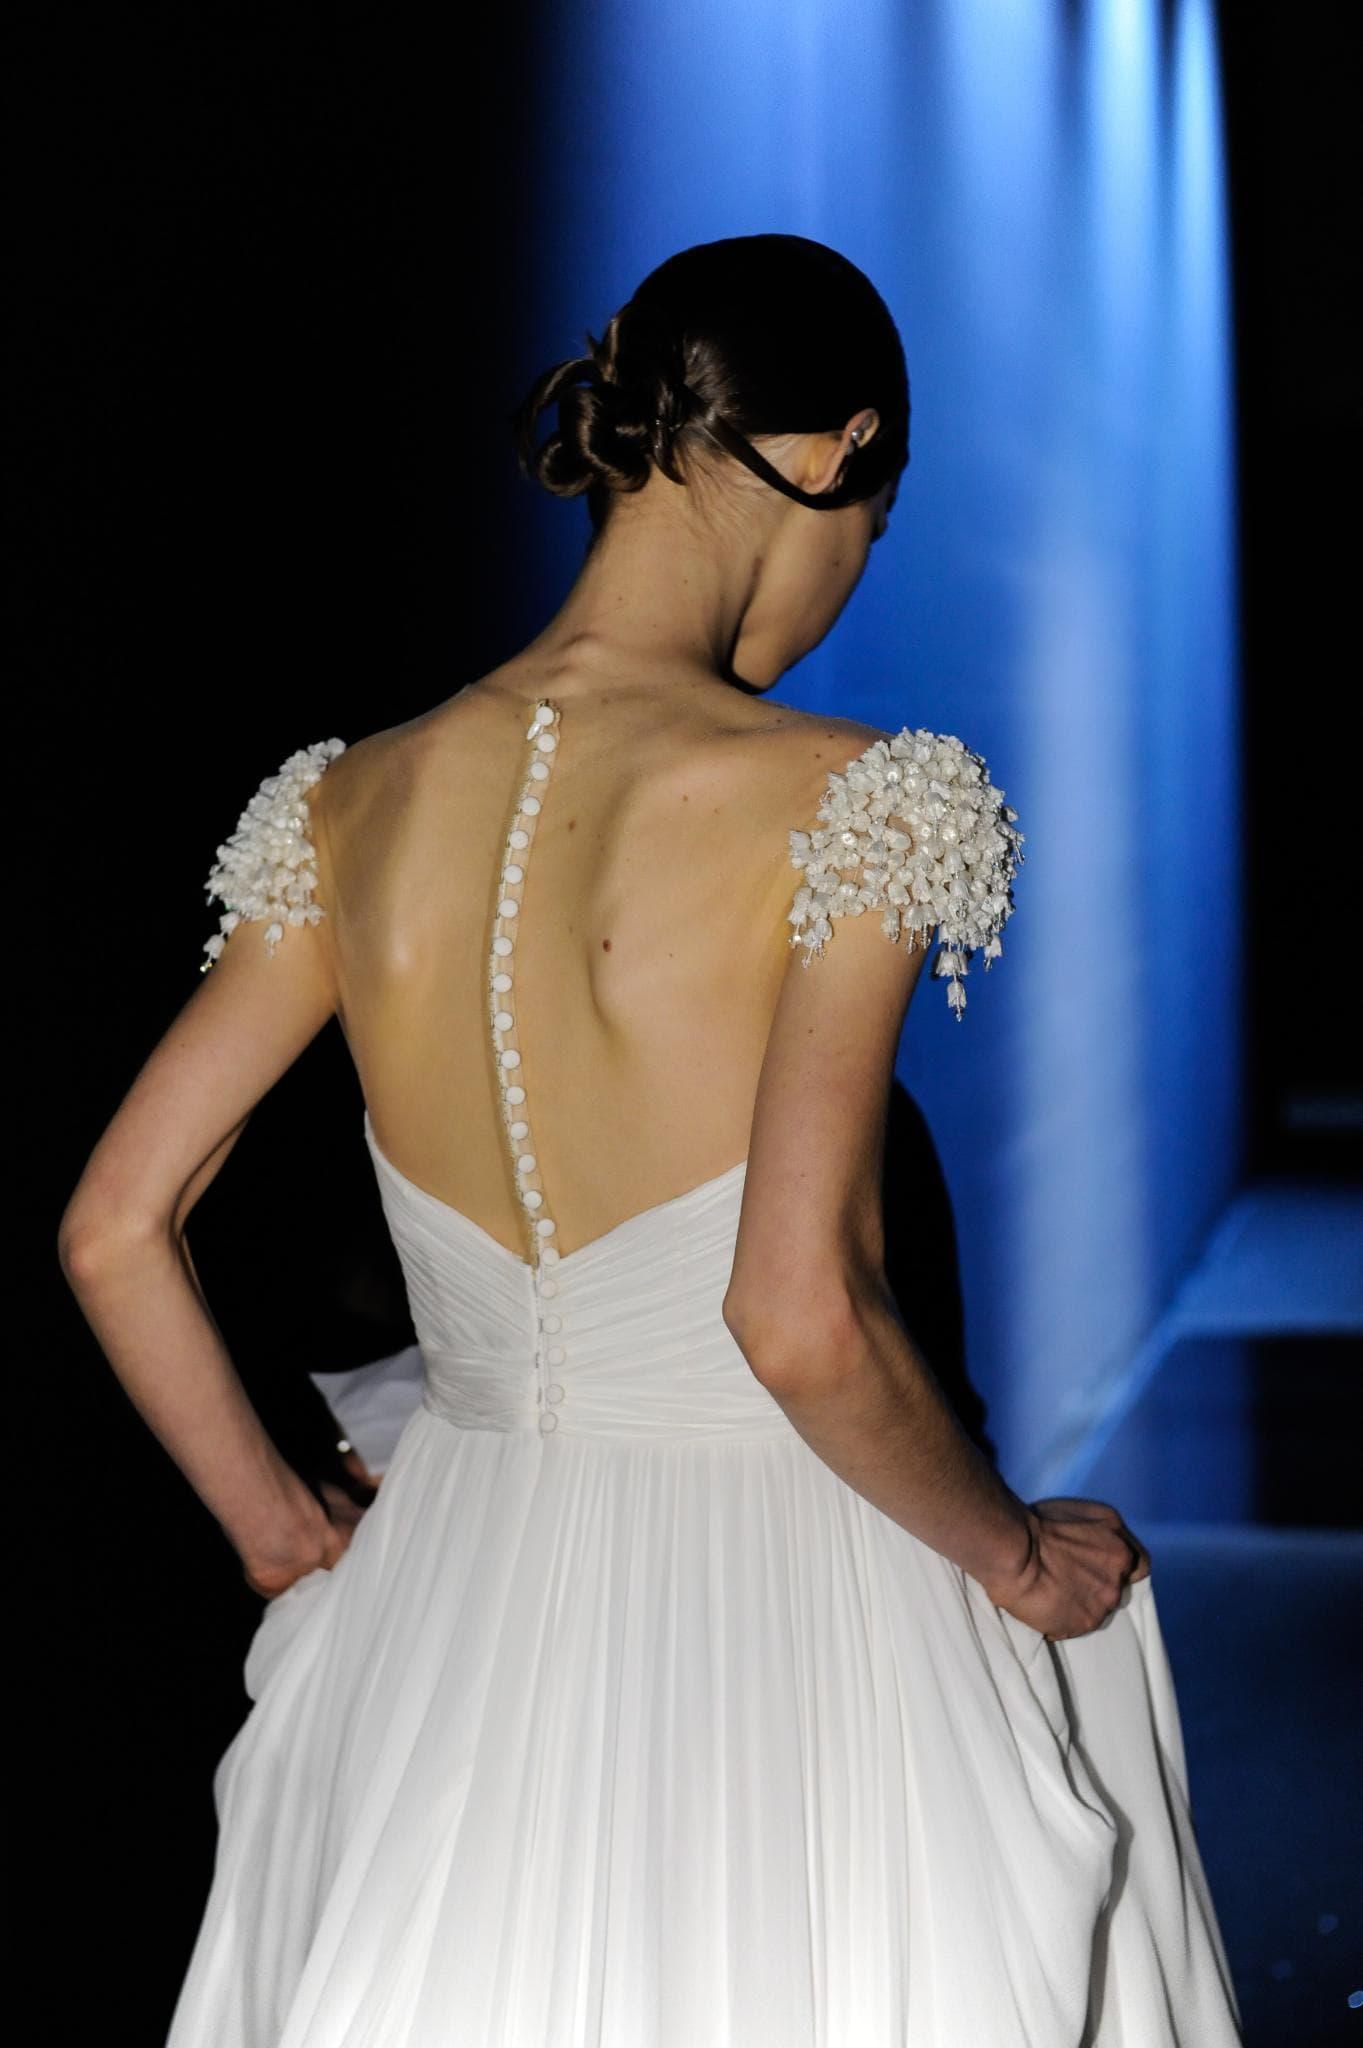 Vista de atrás de mujer castaña oscura con cabello recogido, parece estar vestida de novia